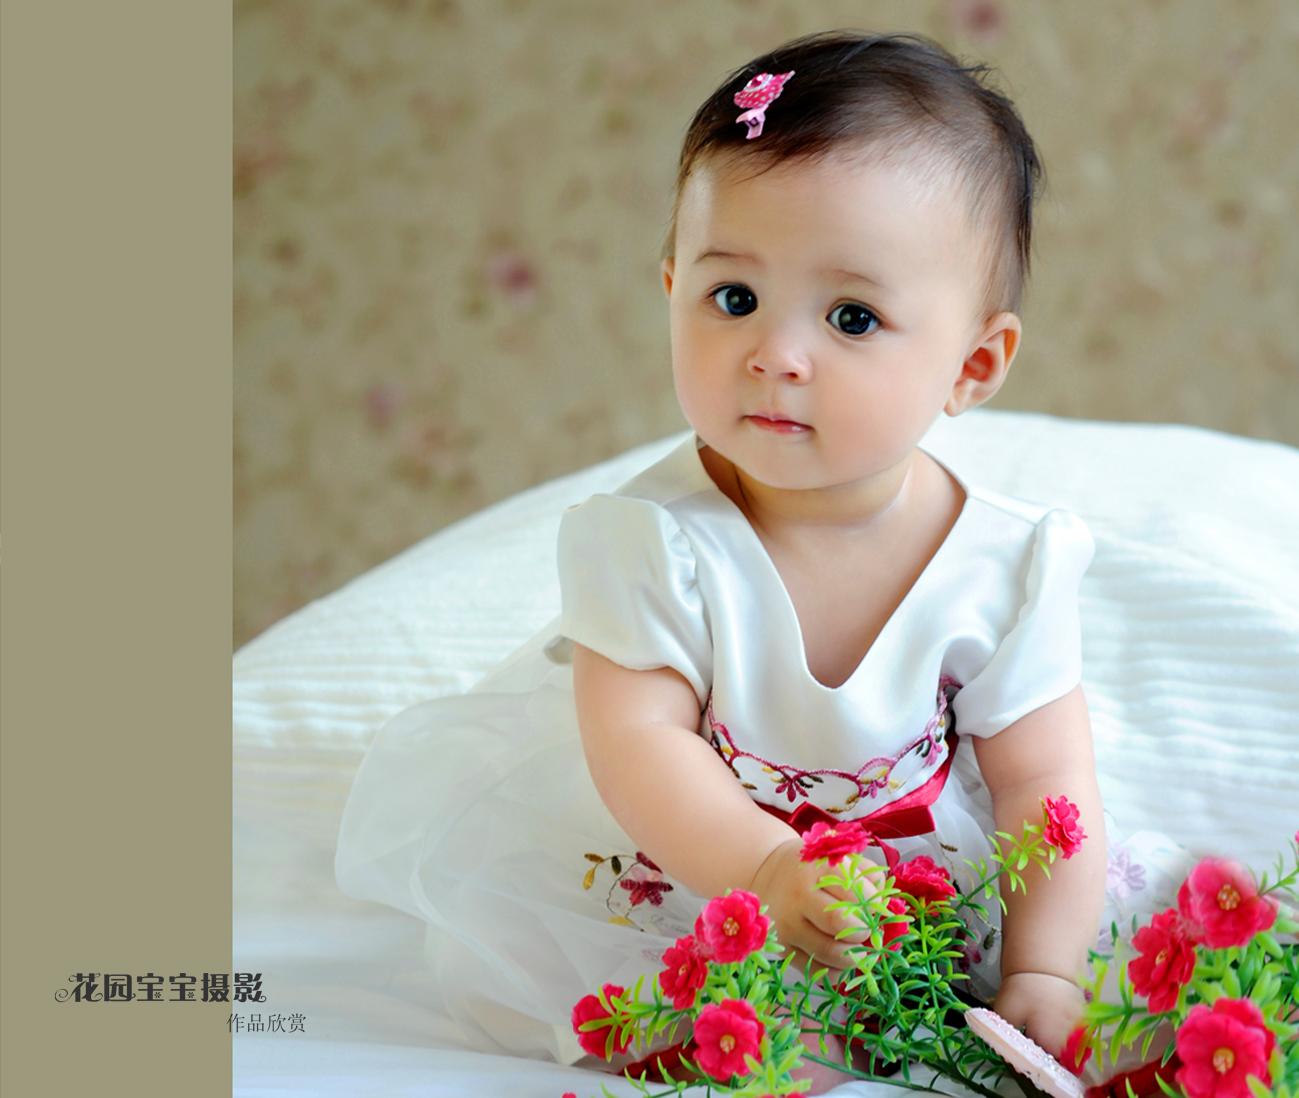 男宝宝桌面壁纸高清_漂亮宝宝的图片